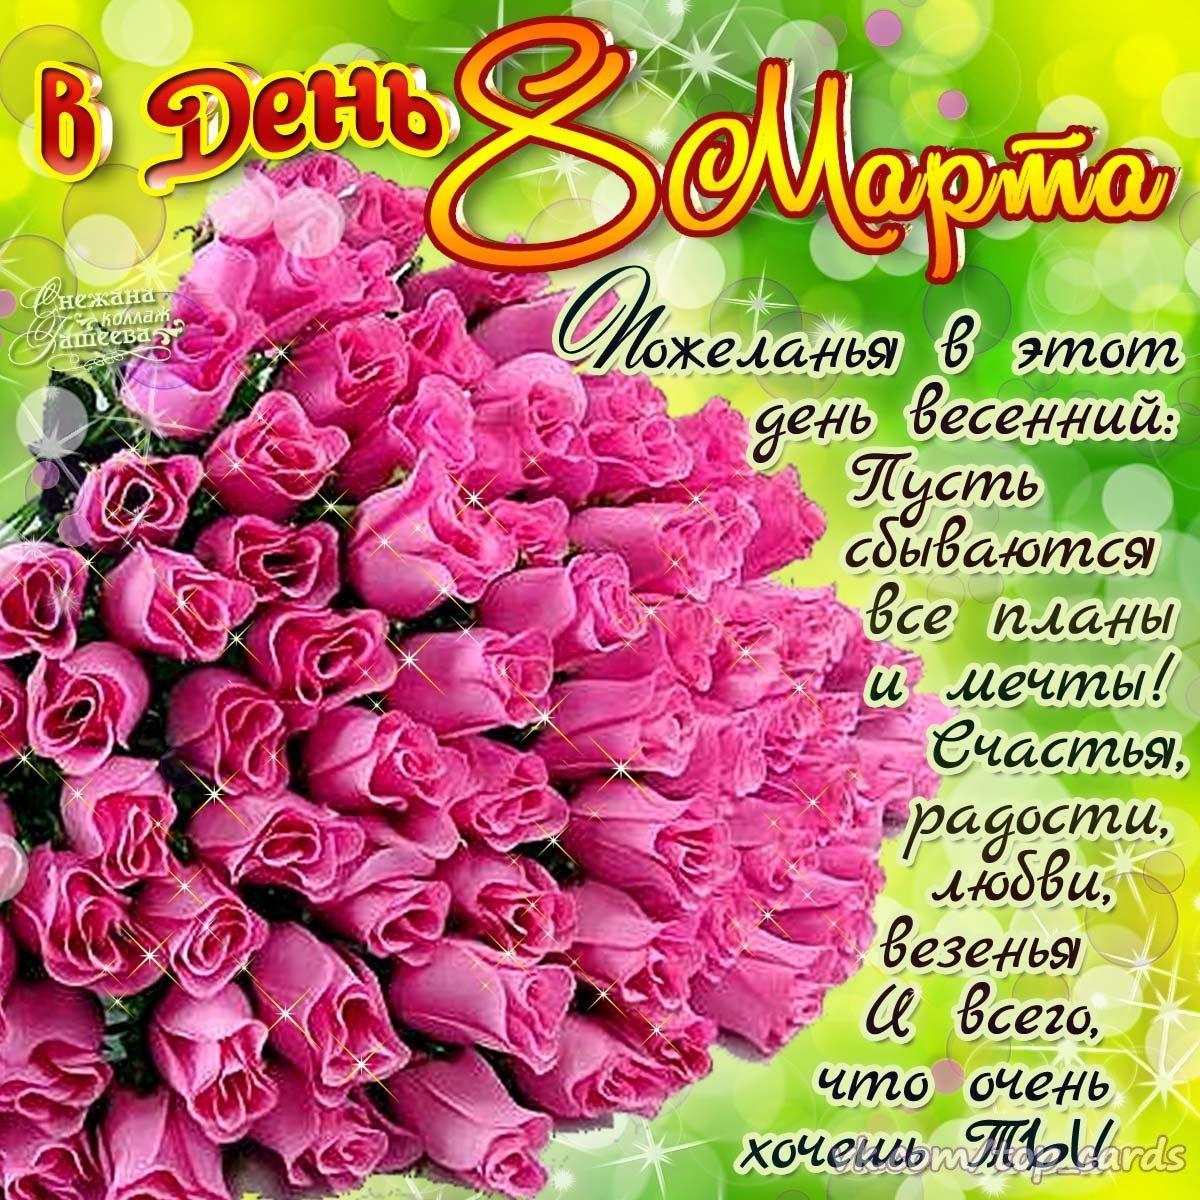 С праздником 8 марта поздравление открытка, днем